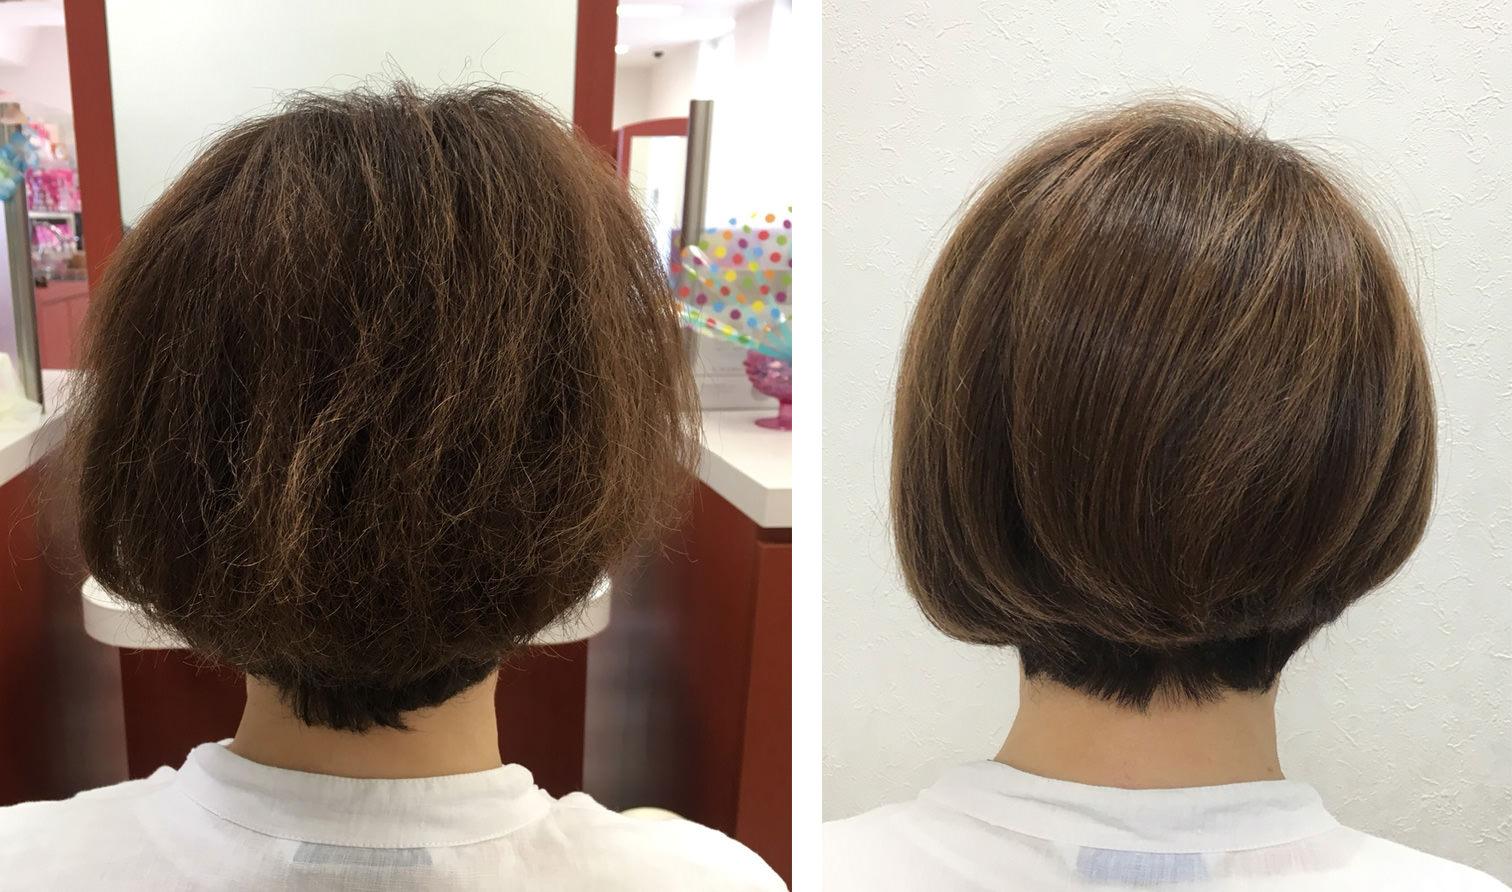 画像:加齢による『髪質変化』でクセが強くなり傷んだように見えるボブカット女性、バックの施術前(左)施術後(右)